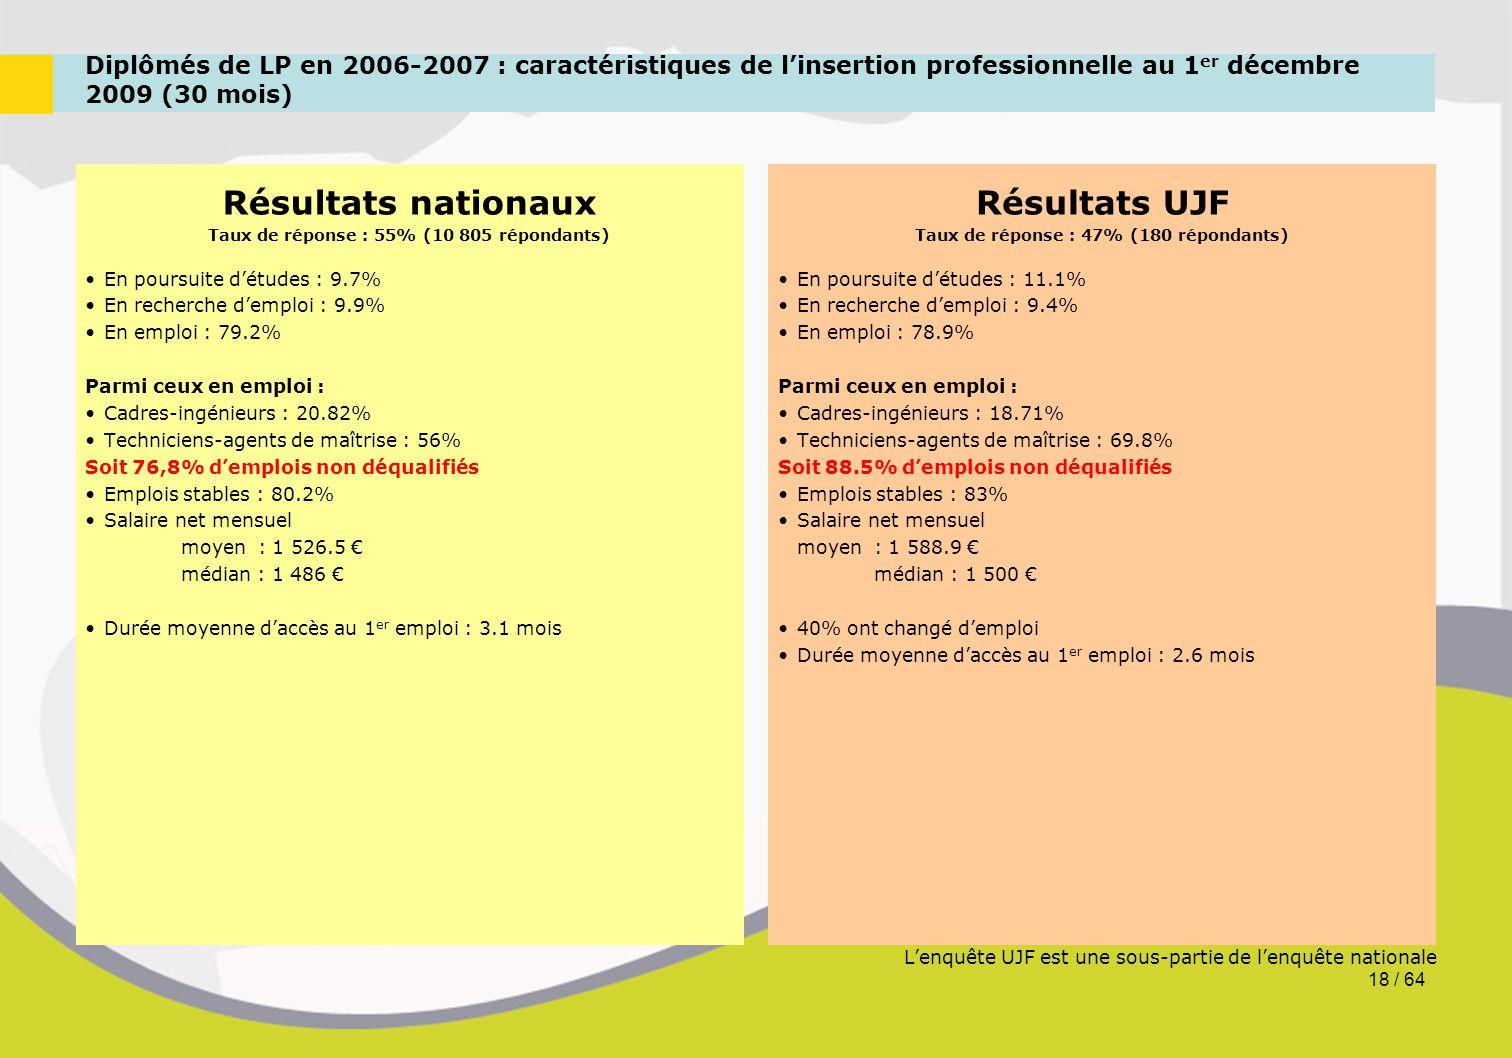 Diplômés de LP en 2006-2007 : caractéristiques de l'insertion professionnelle au 1 er décembre 2009 (30 mois) Résultats nationaux Taux de réponse : 55